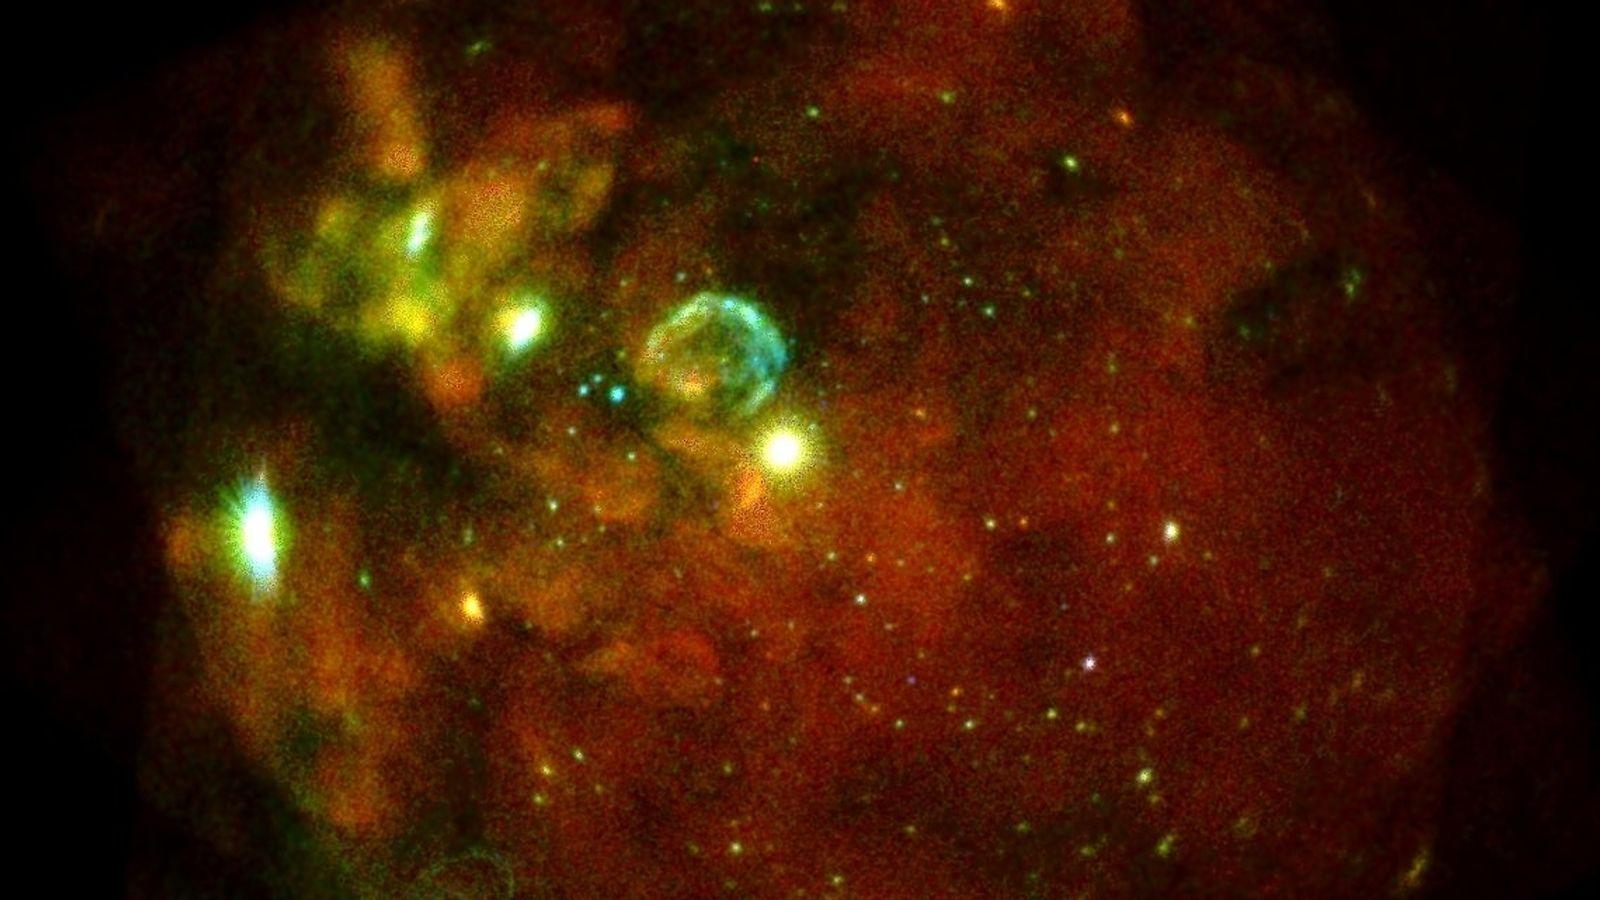 Röntgenteleskop eROSITA liefert beeindruckende erste Bilder